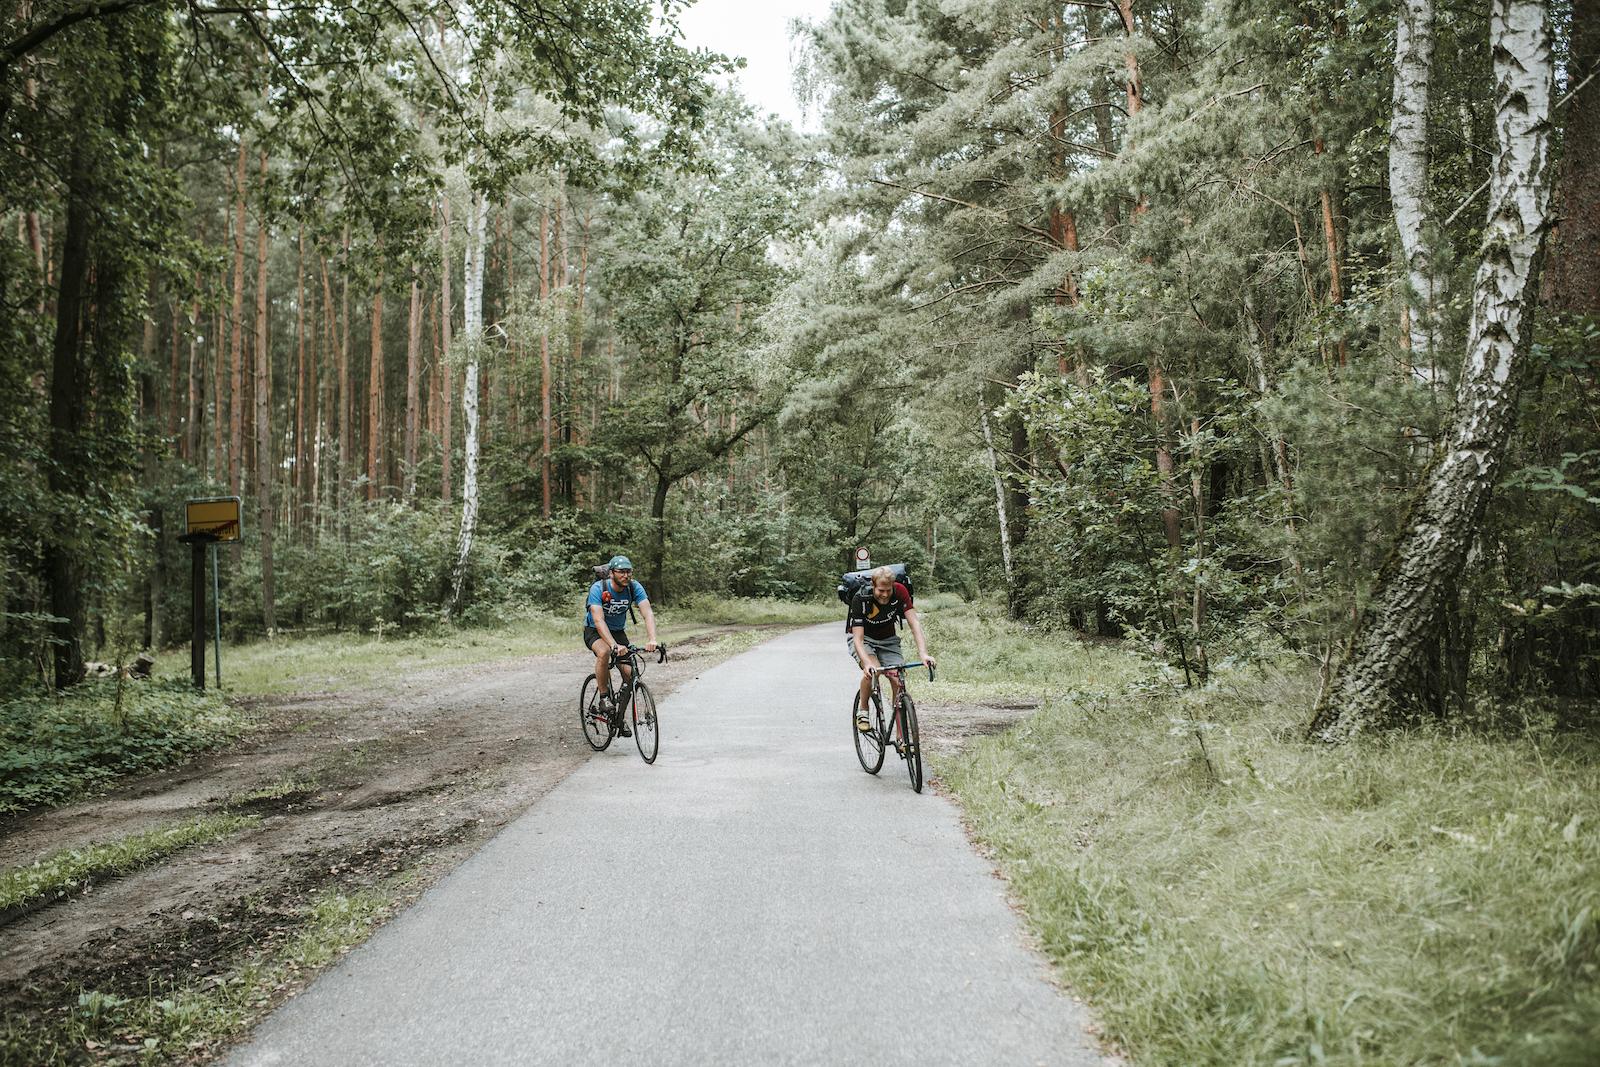 wecyclebrandenburg_(c)Madlen_Krippendorf_himmelpfort2.jpg